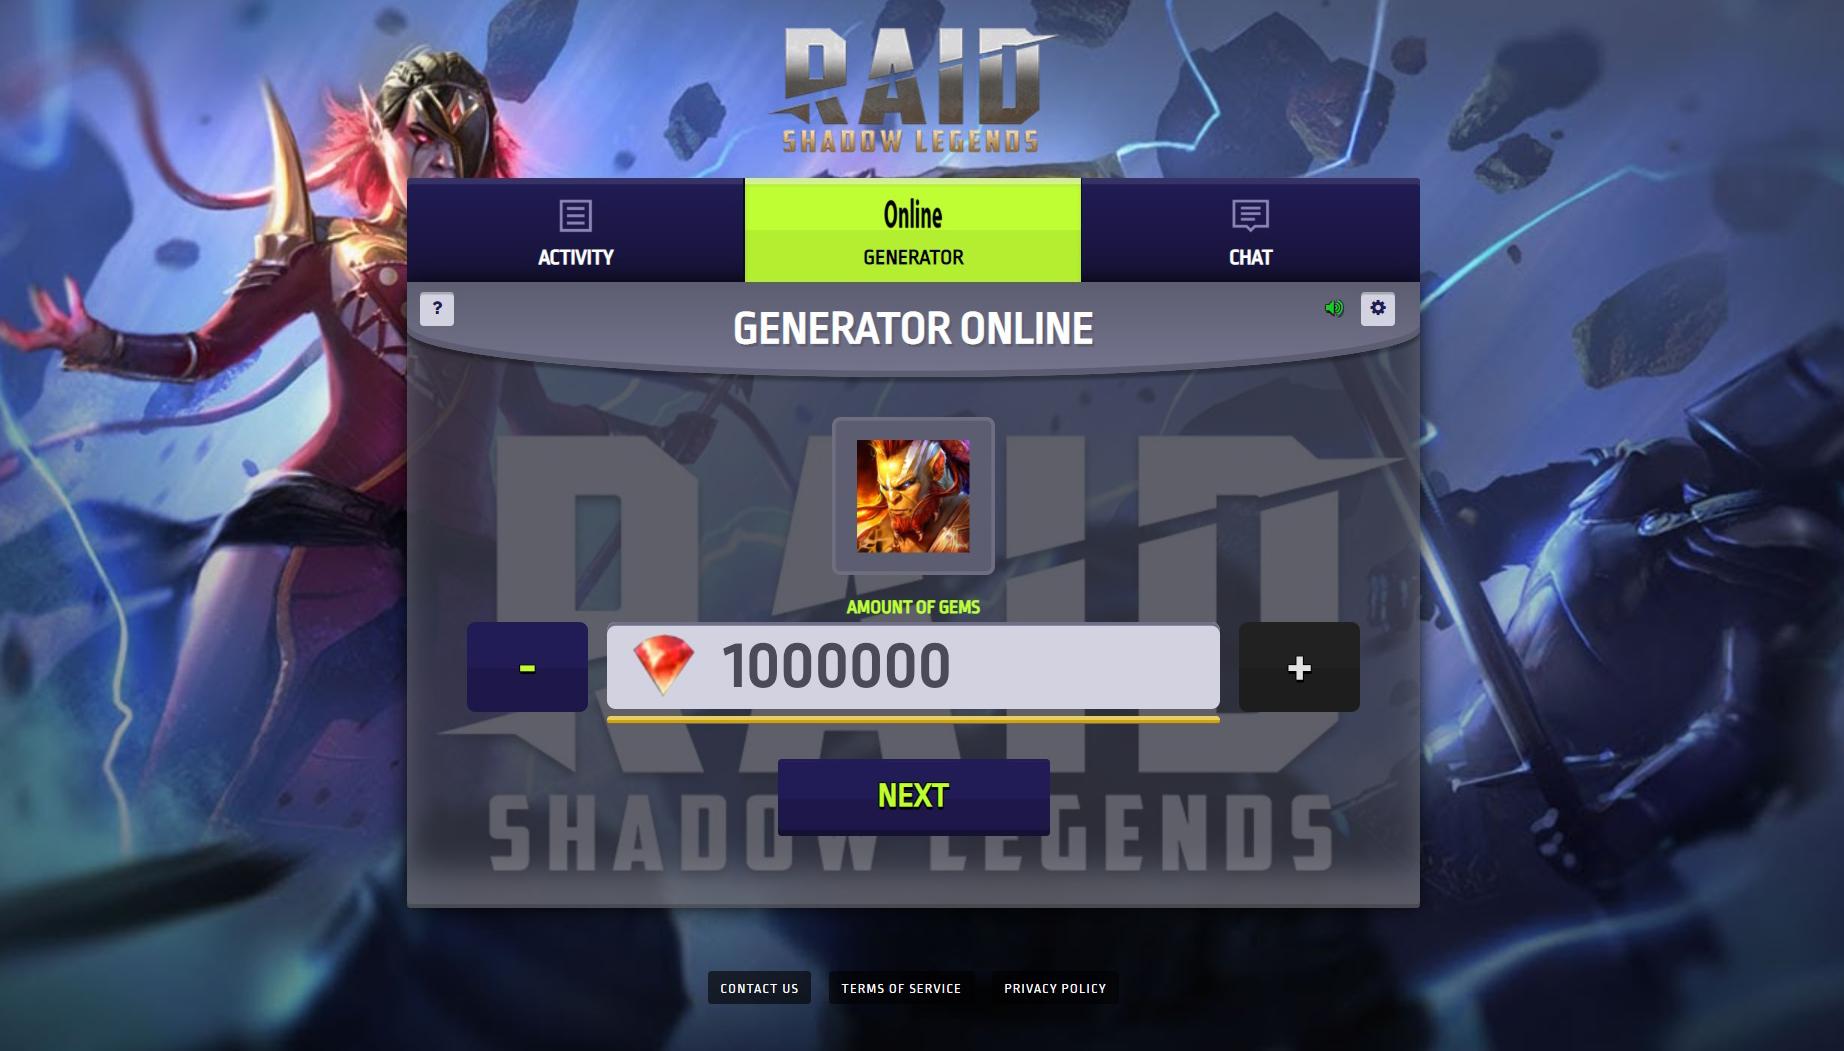 raid-shadow-legends-hack apk - Ulule